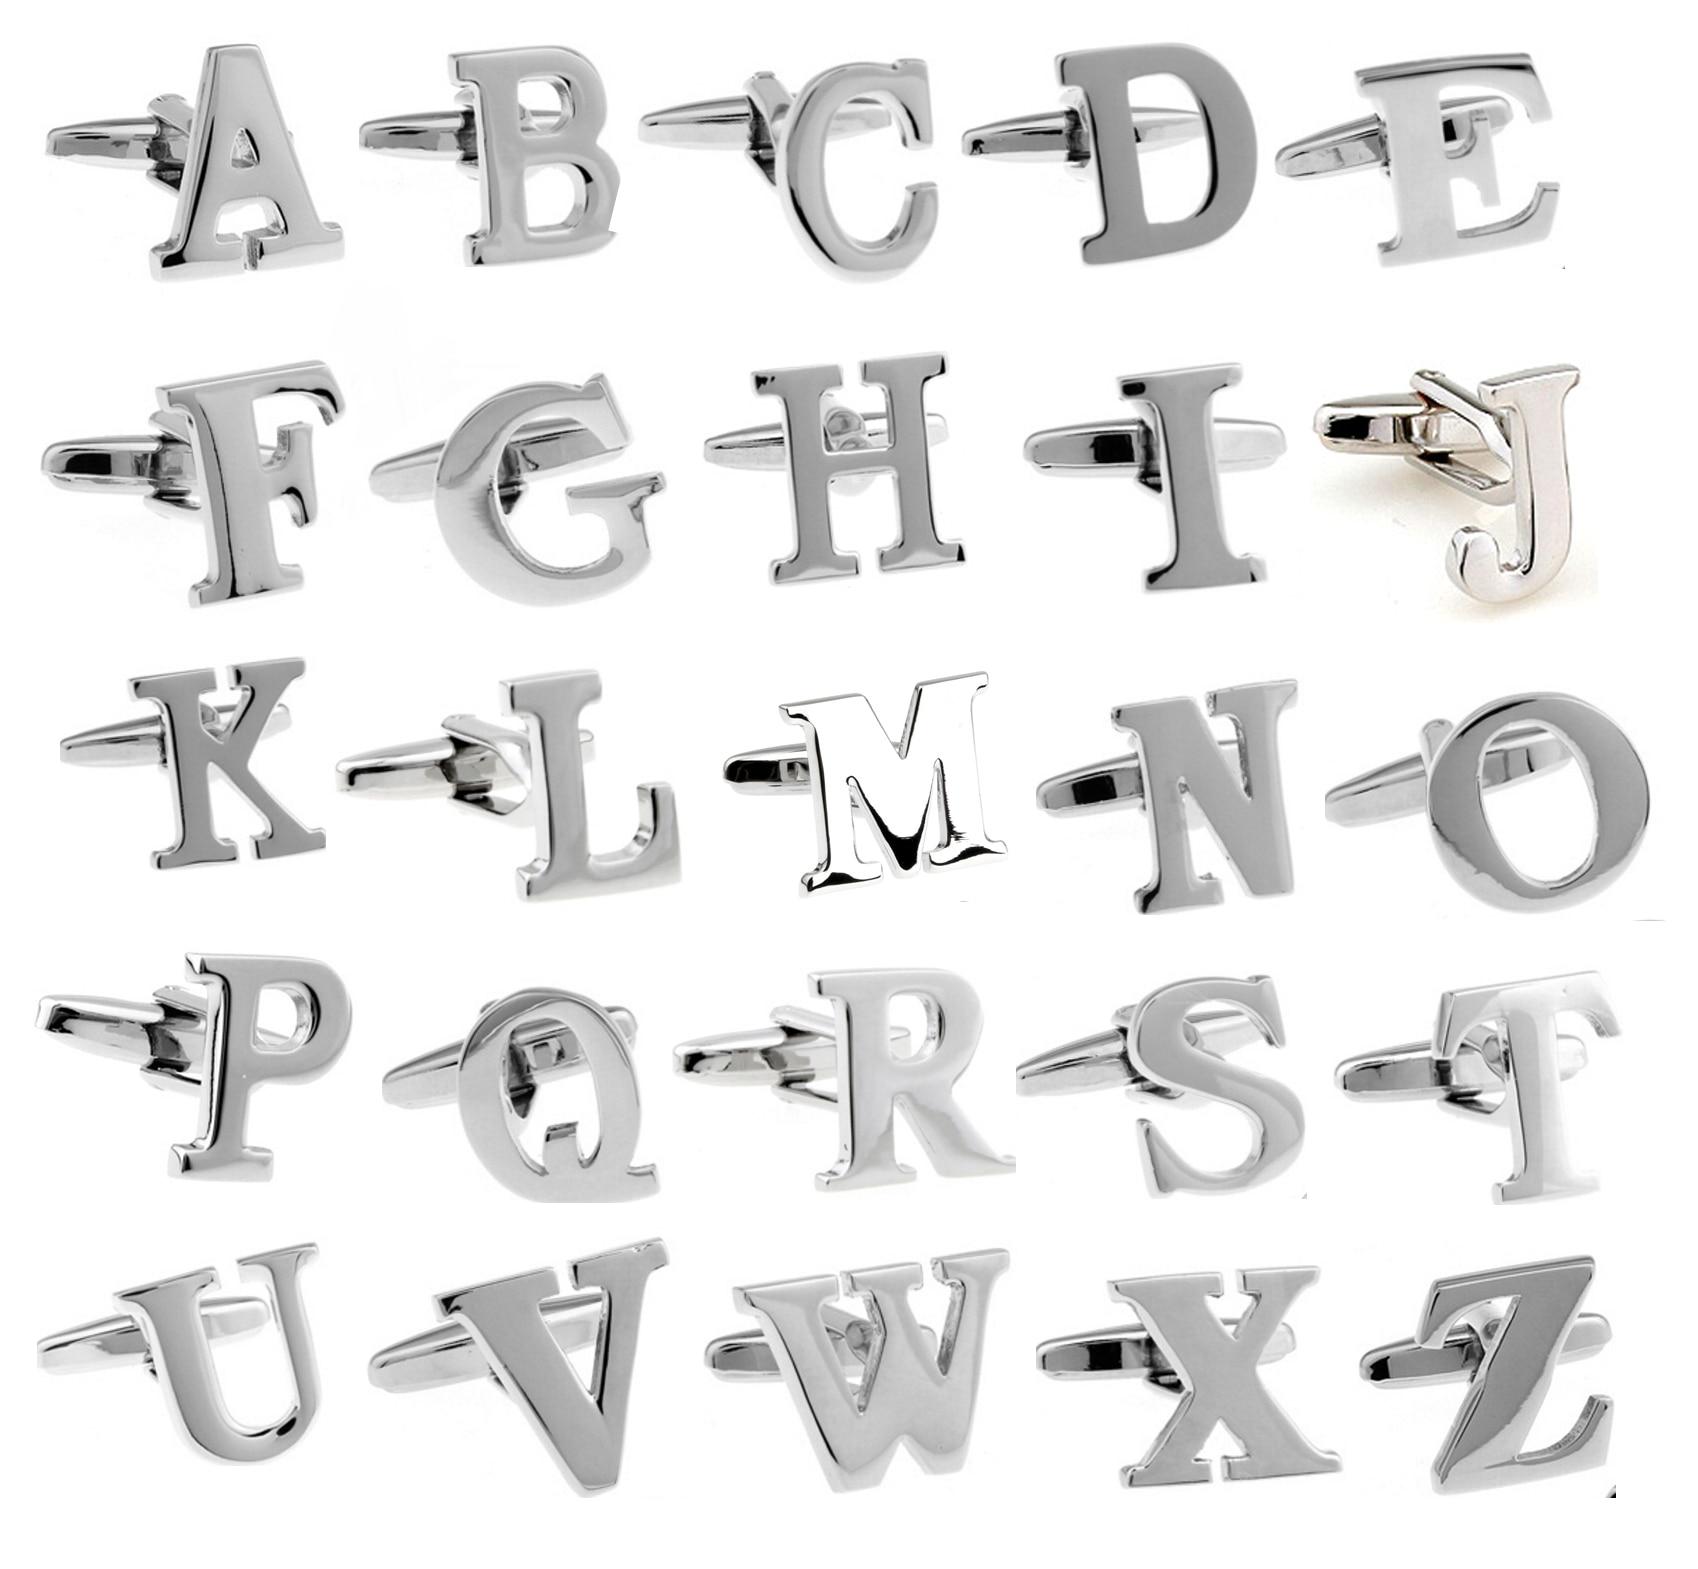 Letras Inglesas dos homens Material de Cobre Ligações de Punho Cor Prata